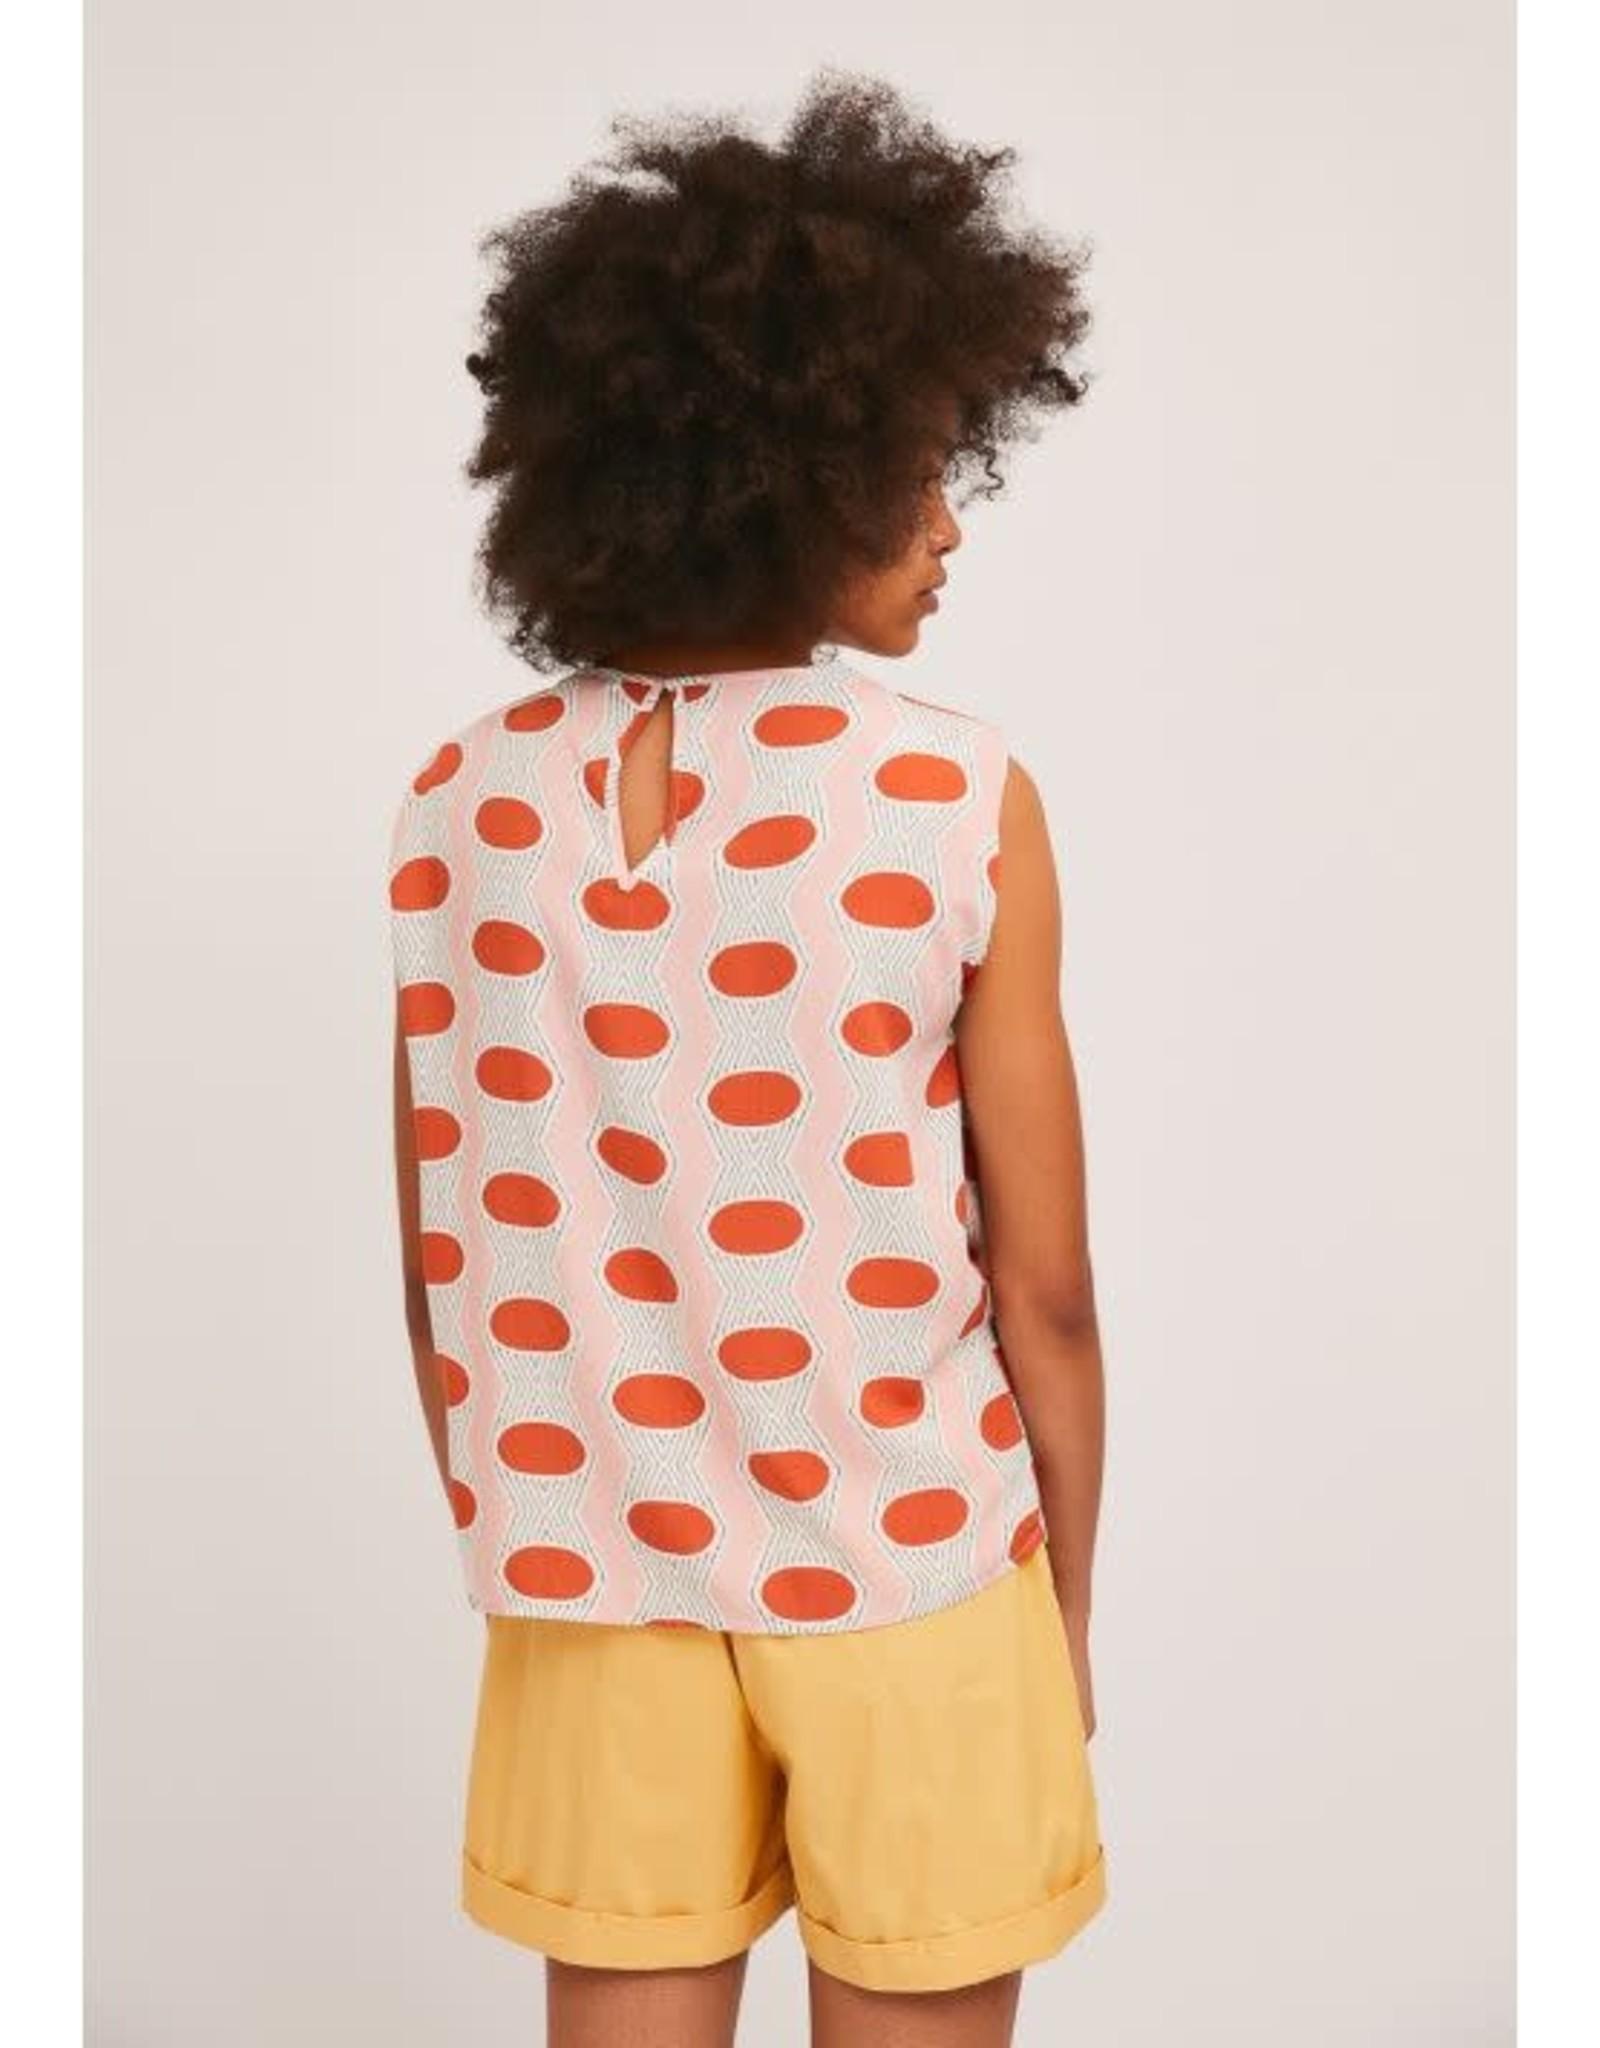 Compania Fantastica Compania Fantastica - Sleeveless oval print top